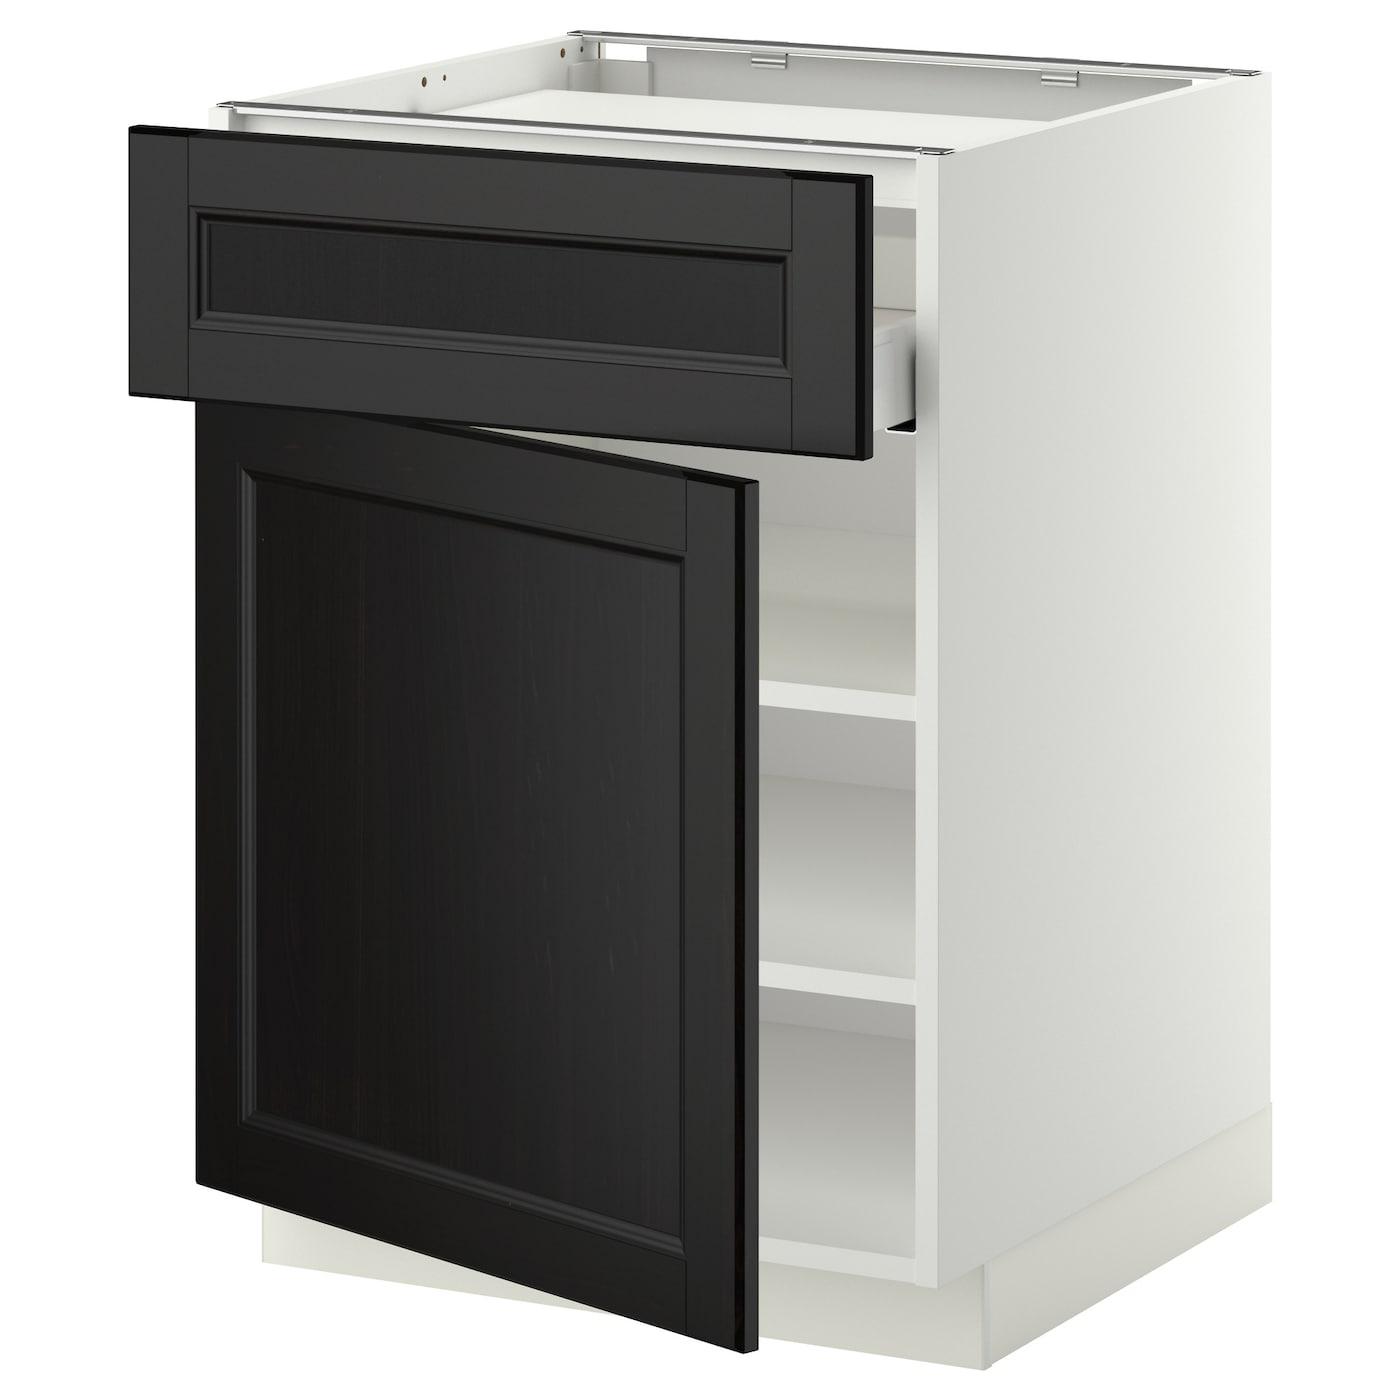 metod maximera base cab f hob drawer shelves door white. Black Bedroom Furniture Sets. Home Design Ideas